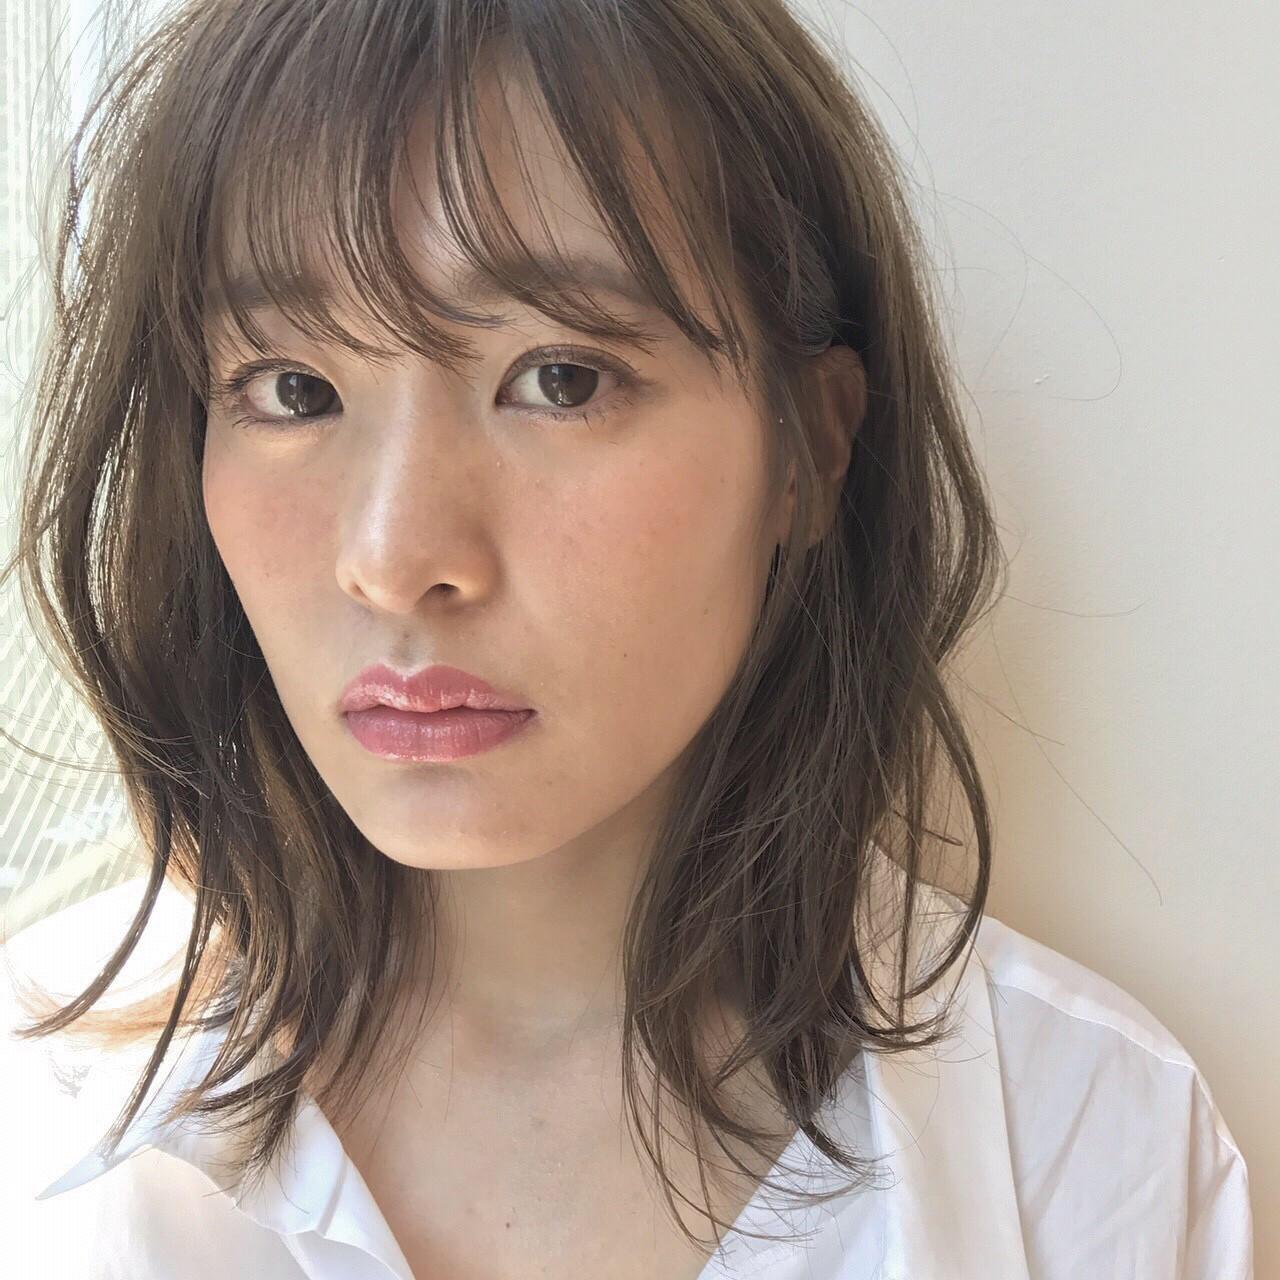 ナチュラル可愛い ミディアム ナチュラルベージュ ナチュラル ヘアスタイルや髪型の写真・画像 | 坂本圭太朗 / bado